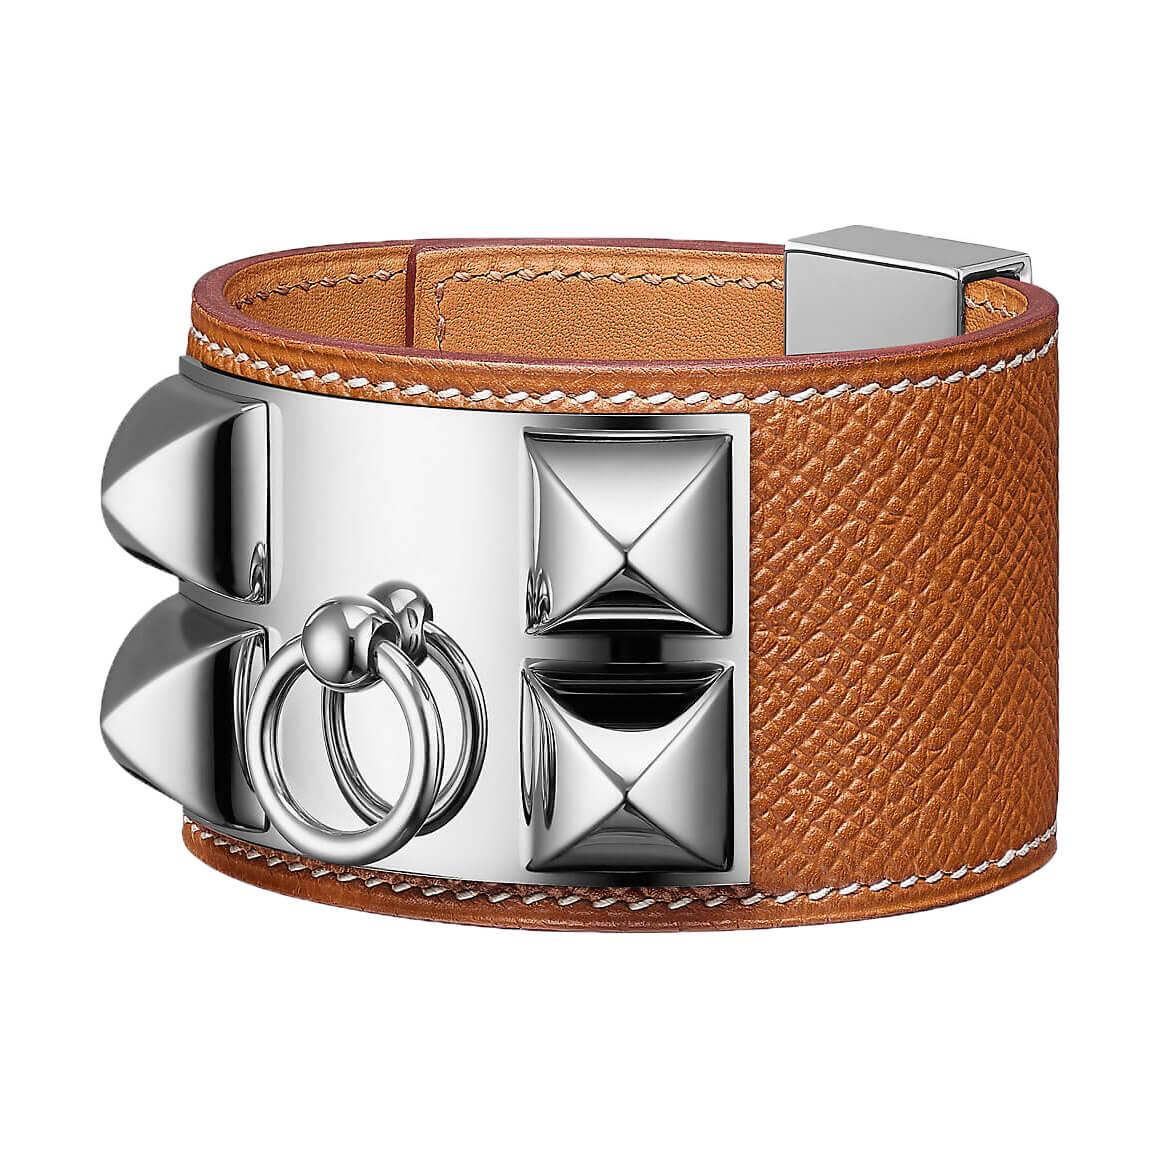 Pièce iconique : Bracelet collier de chien Hèrmes